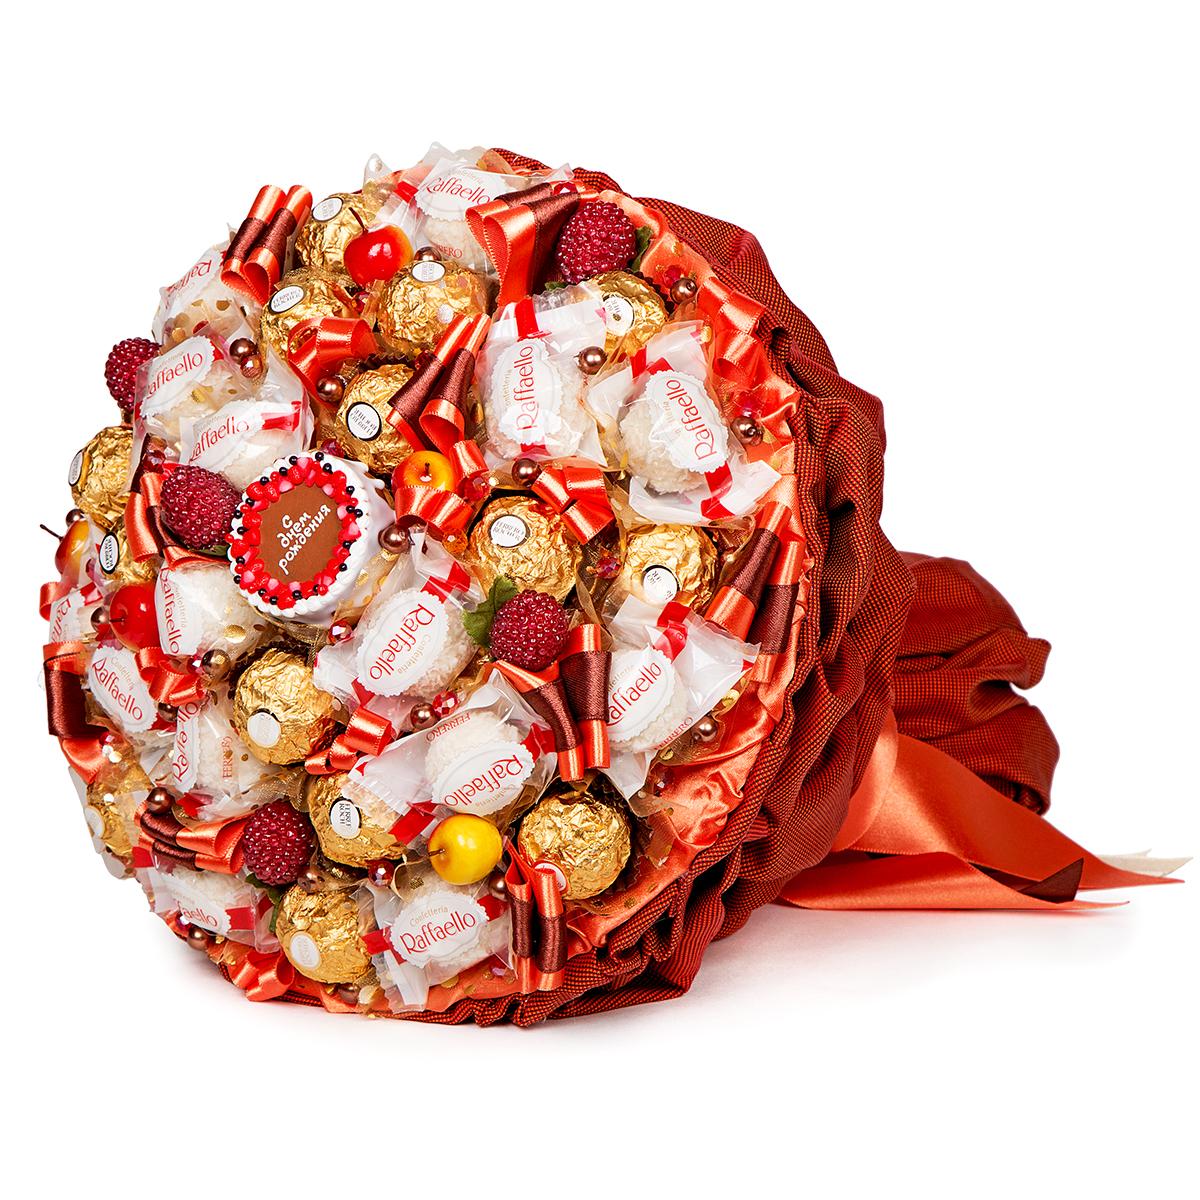 Ландышей, где купить каталог букетов из конфет